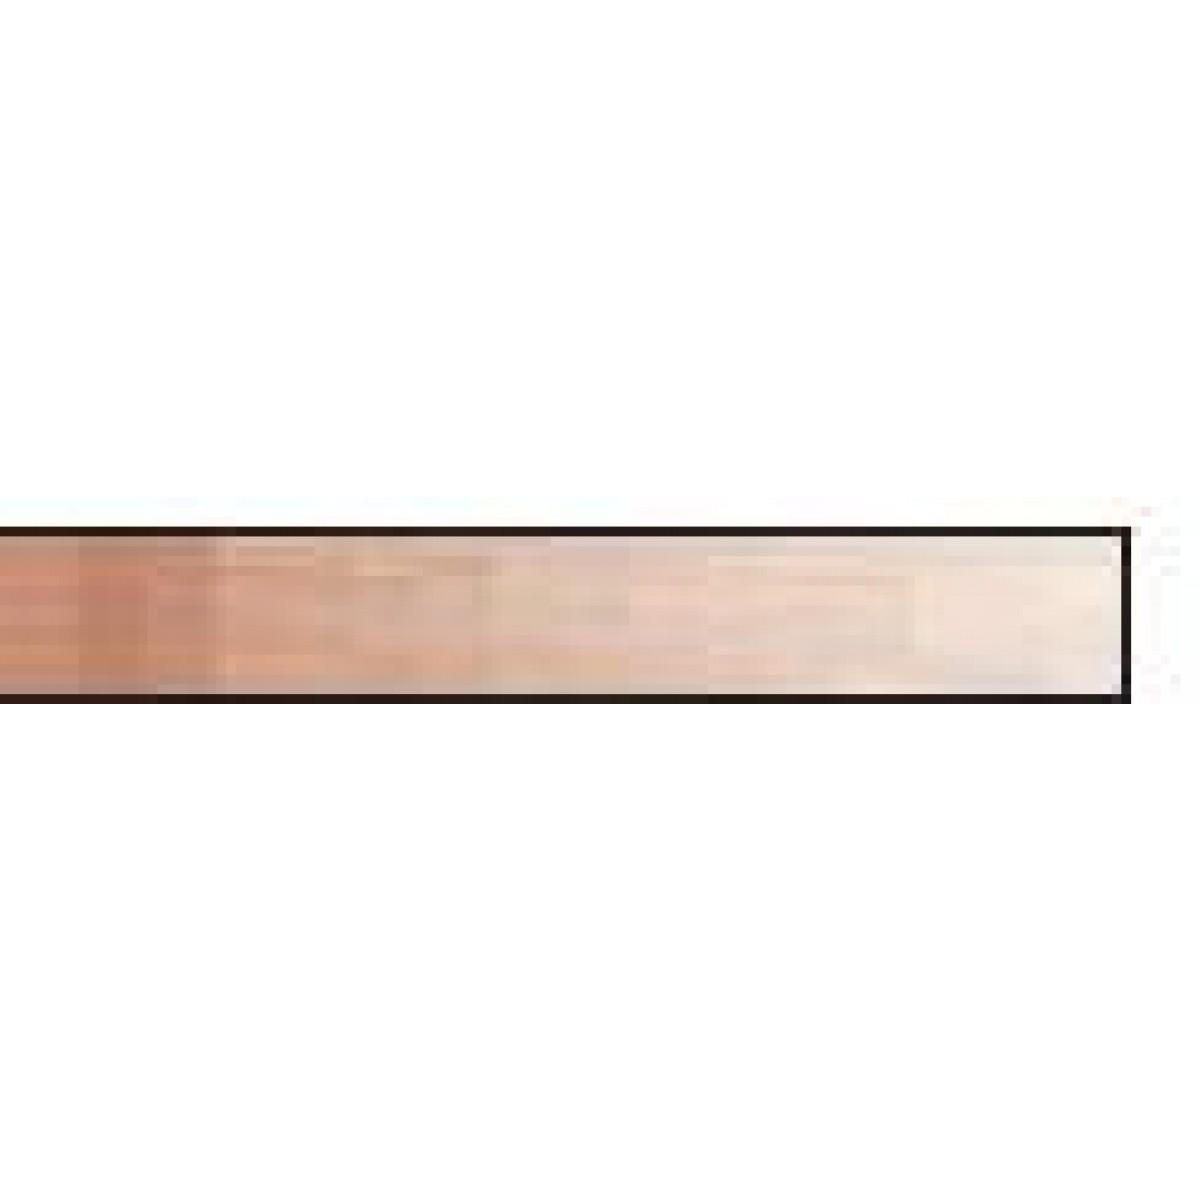 8551 Kunstnerkvalitet soft pastel English red